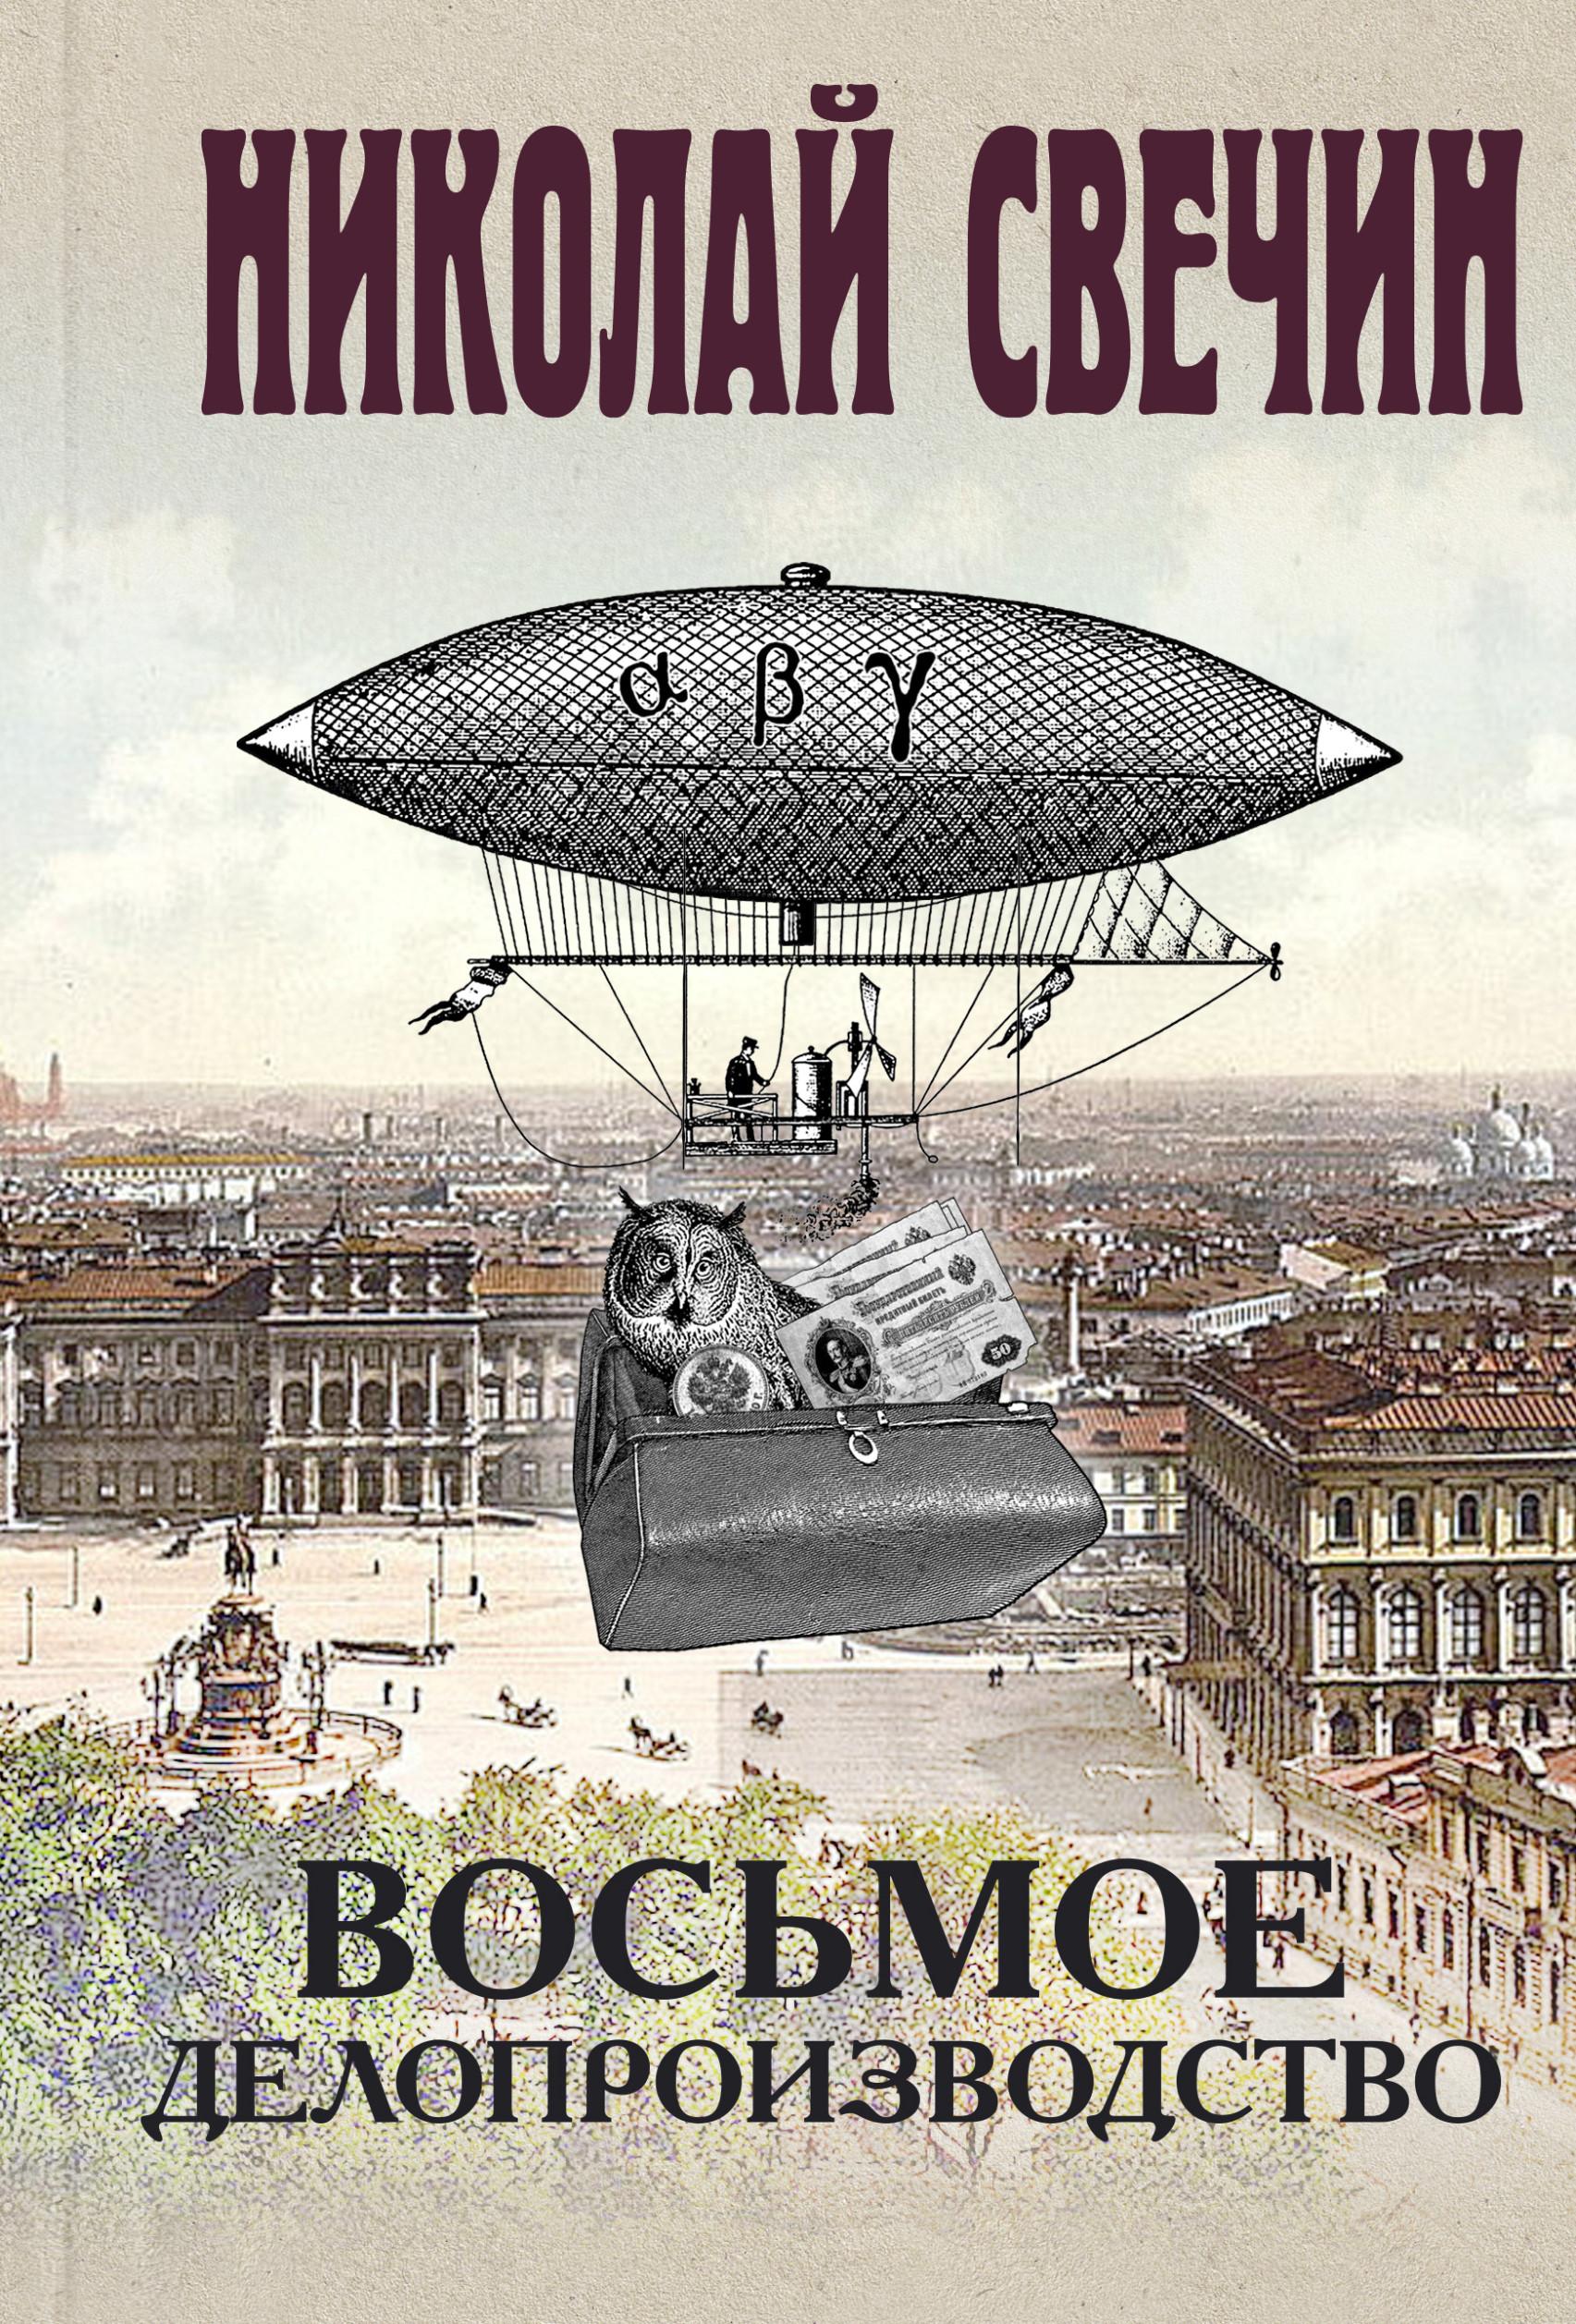 http://chelib.ru/wp-content/uploads/img/books/svetsin-vosmoe-deloproizvodstvo.jpg